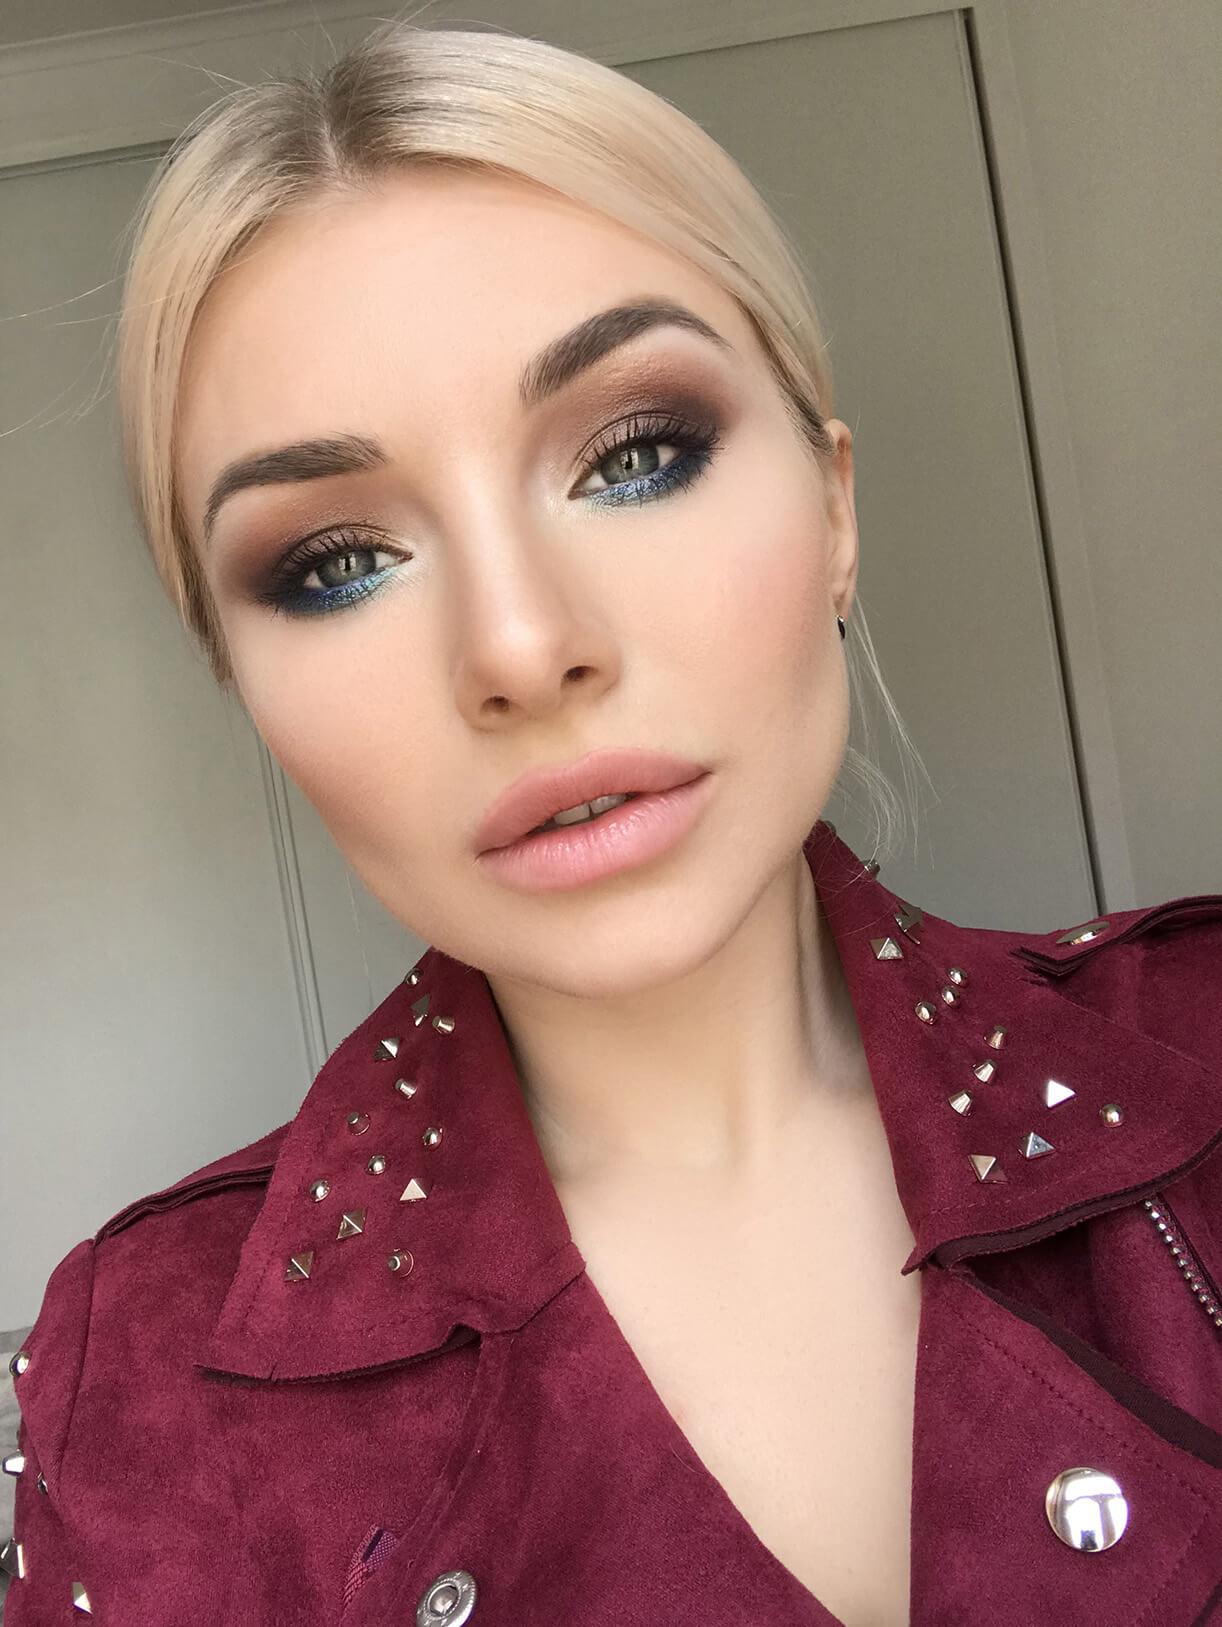 Девушка с ярким макияжем вокруг глаз